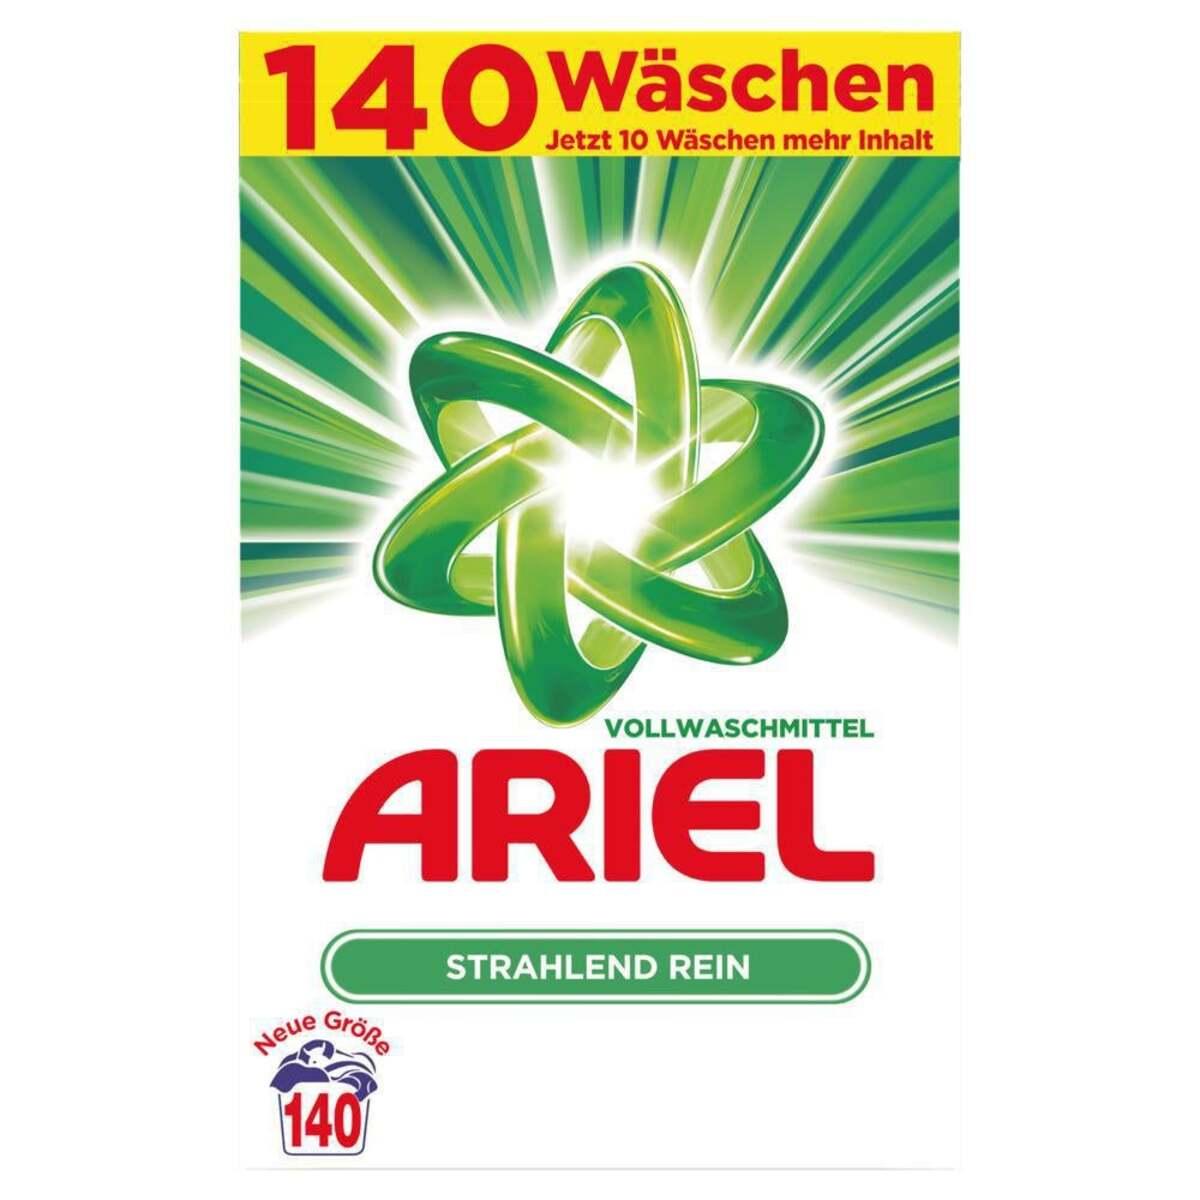 Bild 2 von Ariel Vollwaschmittel Pulver, 140 WL